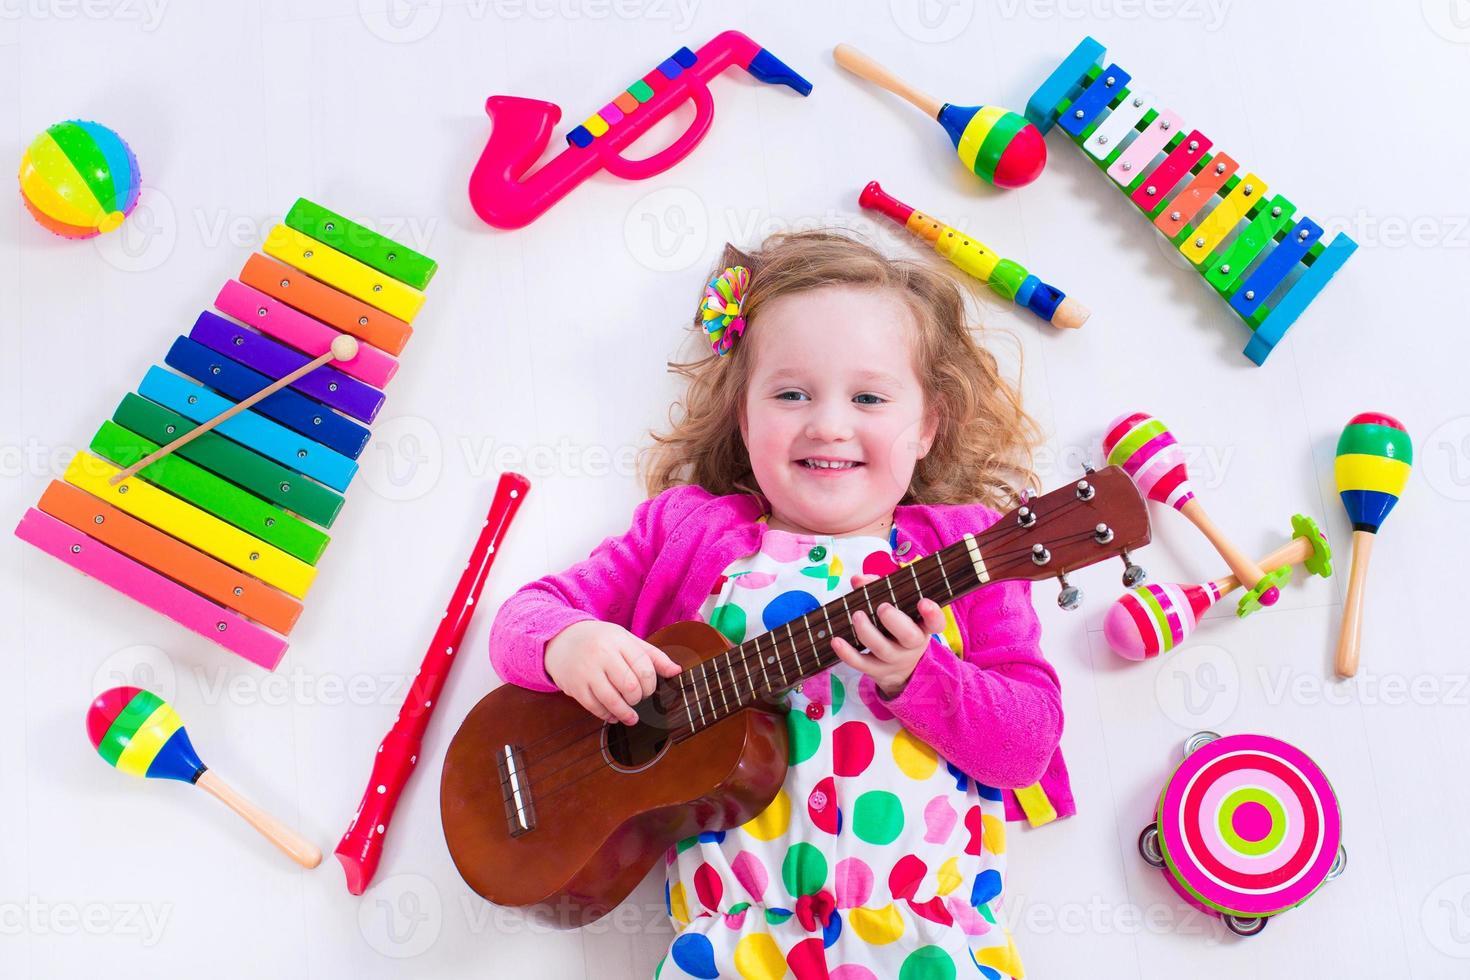 ragazza carina con strumenti musicali foto